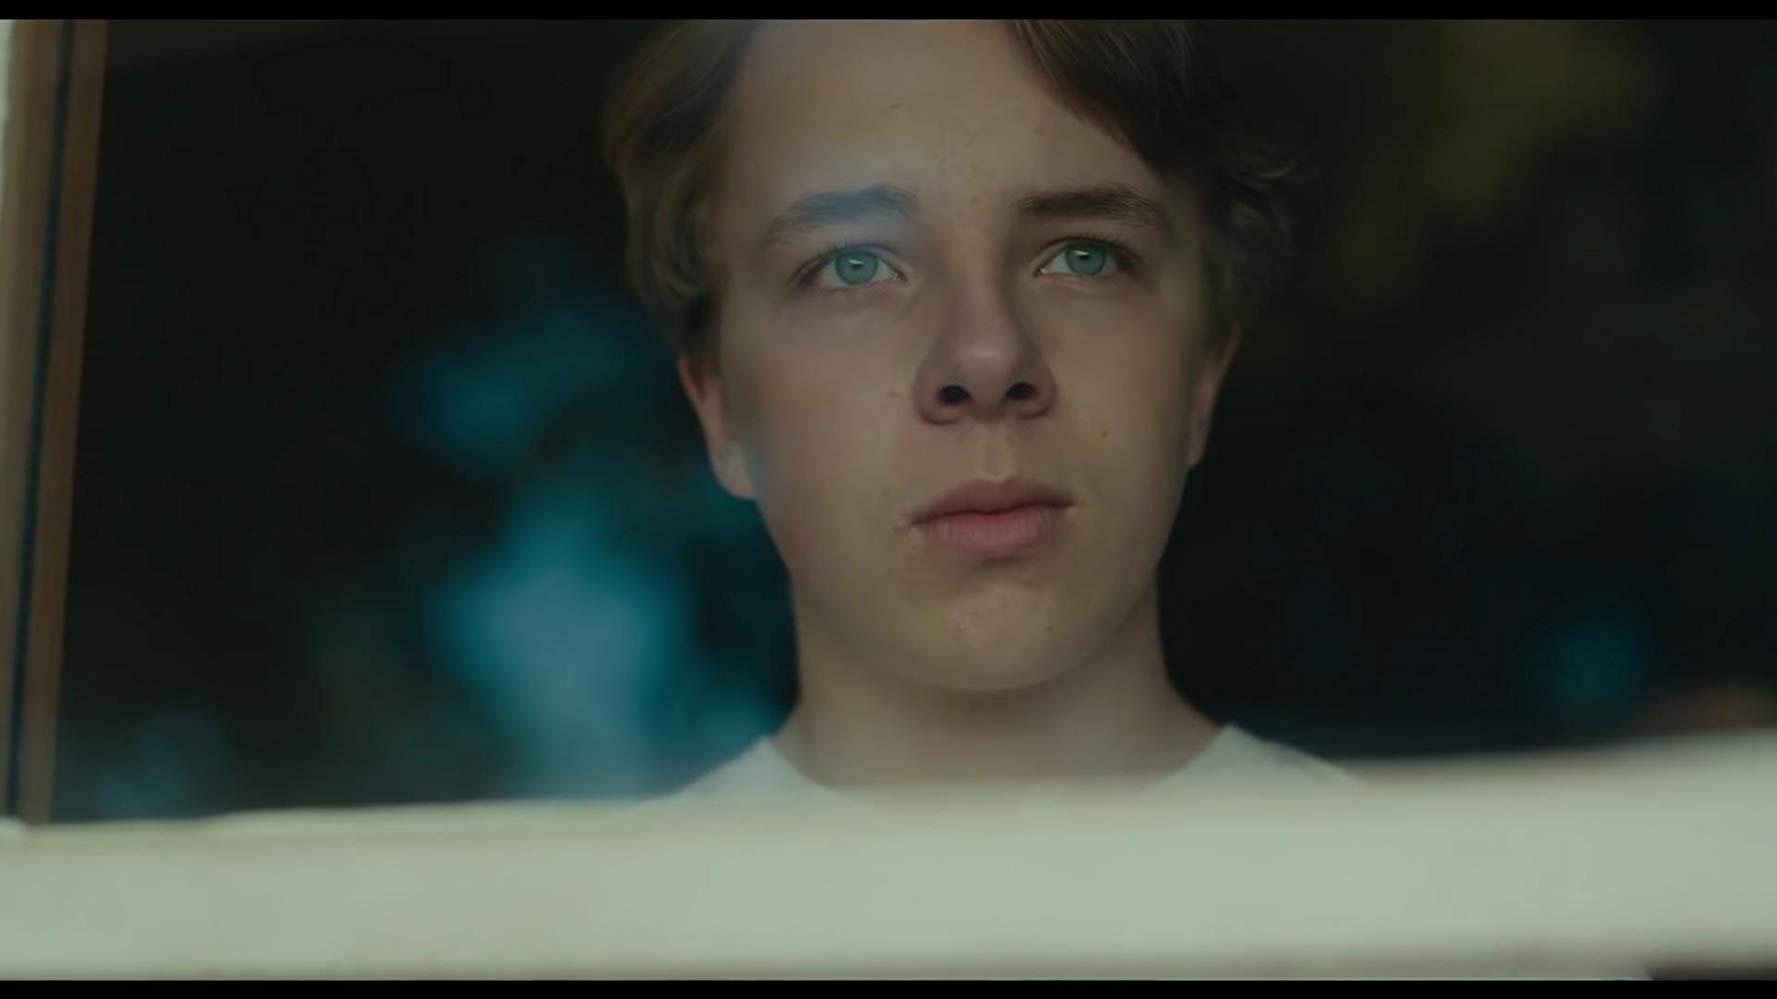 【解説】目を覆うような光景の中で成長する息子